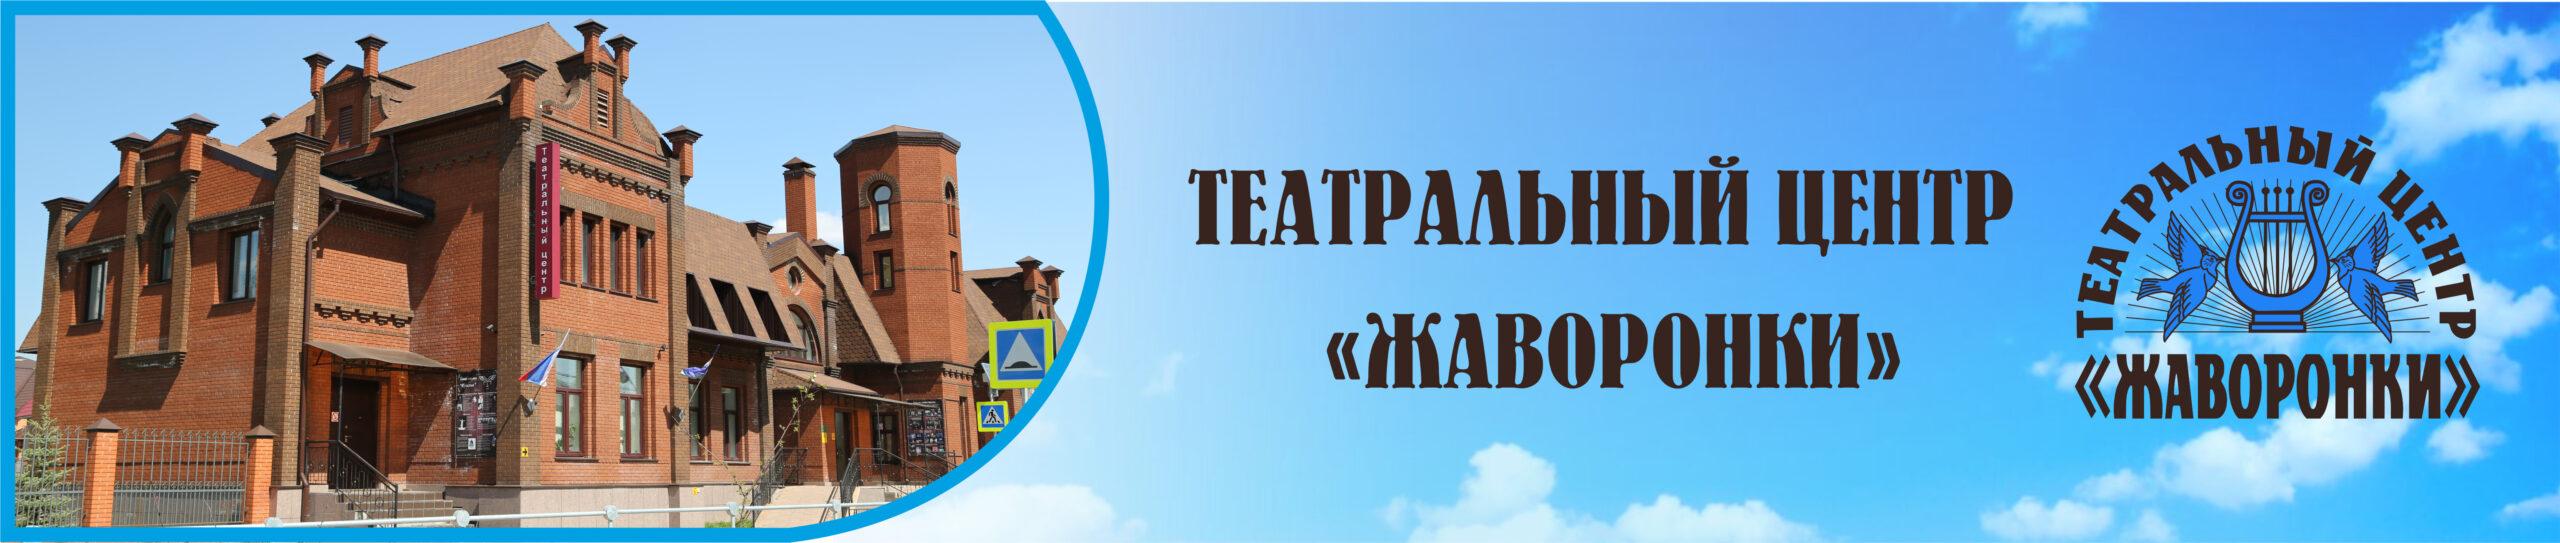 ТЦ Жаворонки